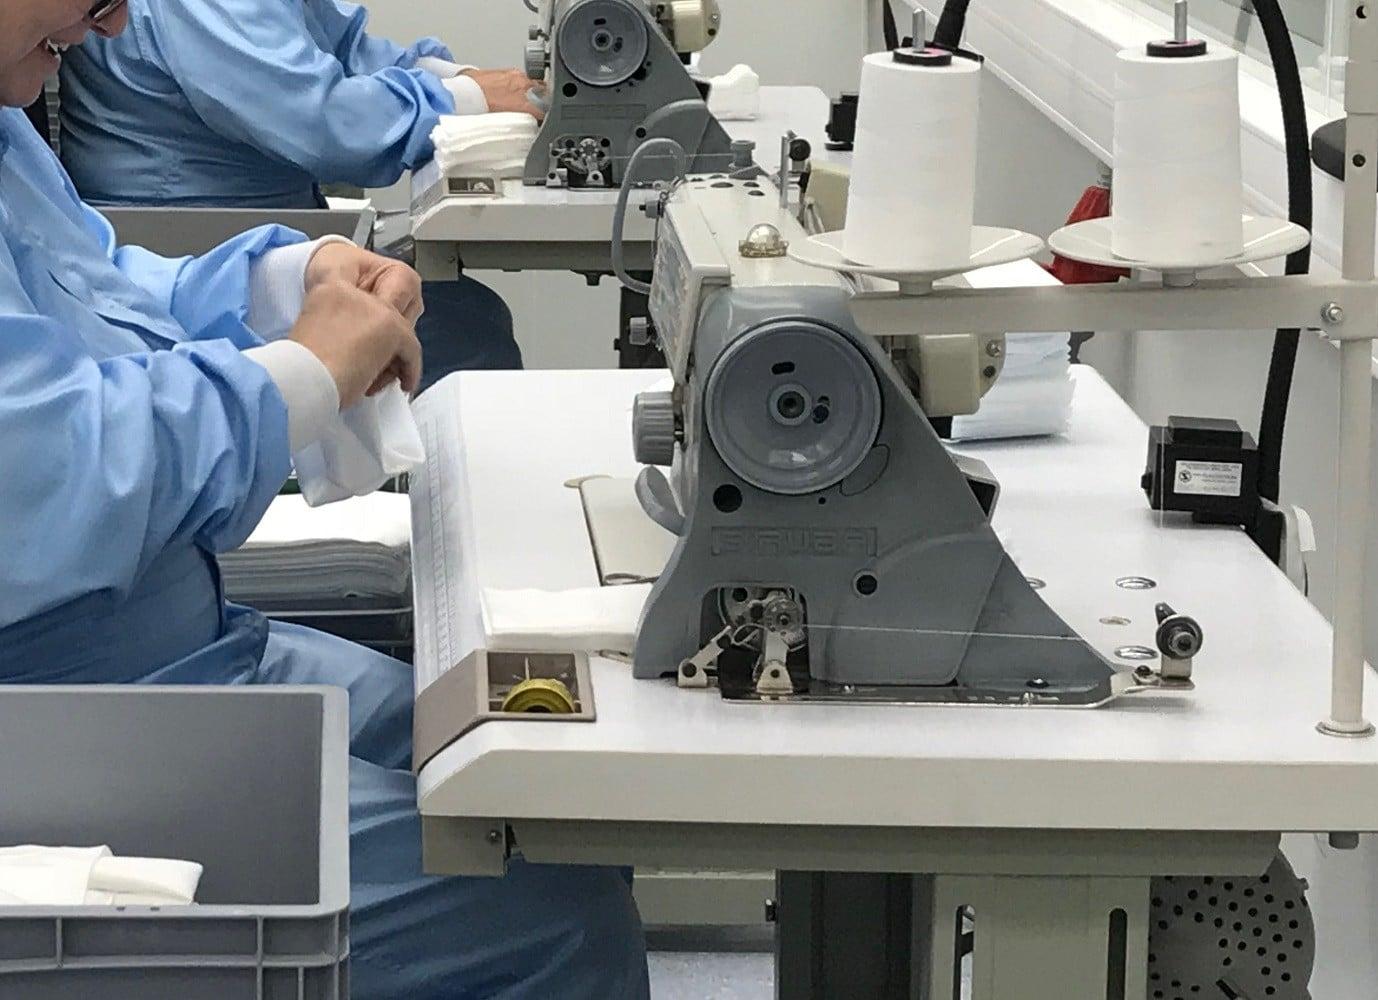 Handarbeitsabteilung in neuer Produktion